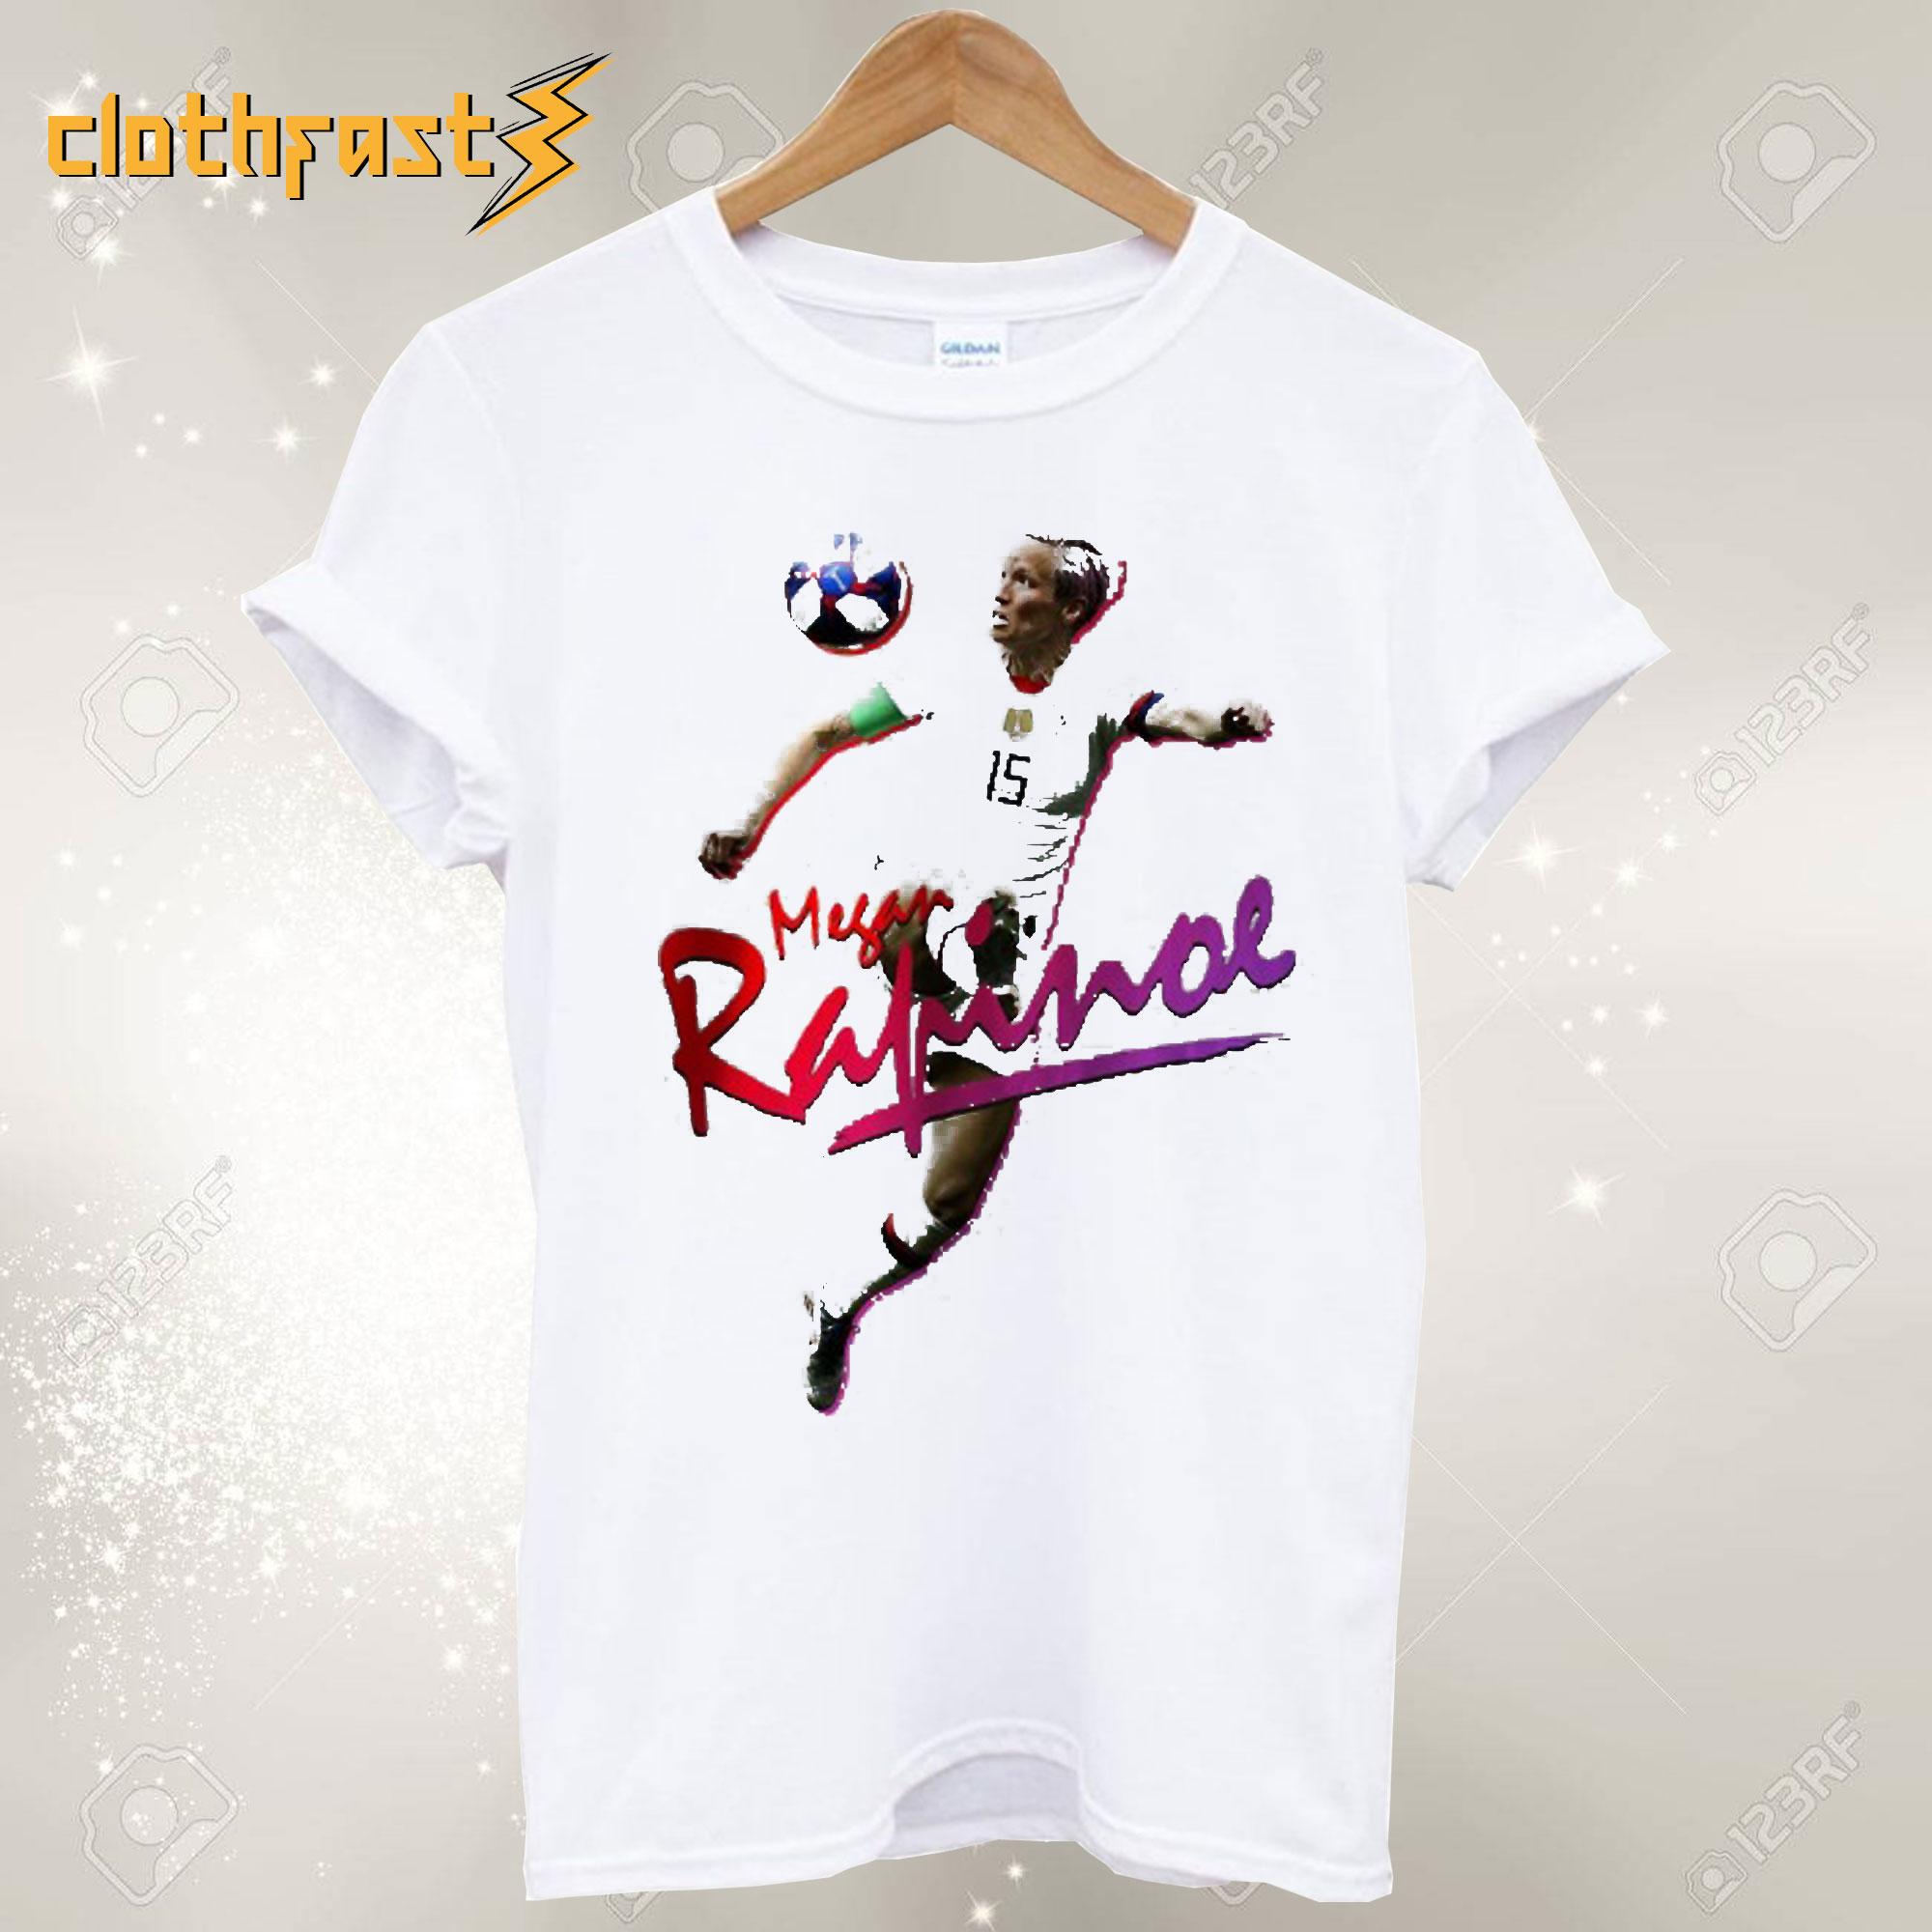 Megan Rapinoe T shirt